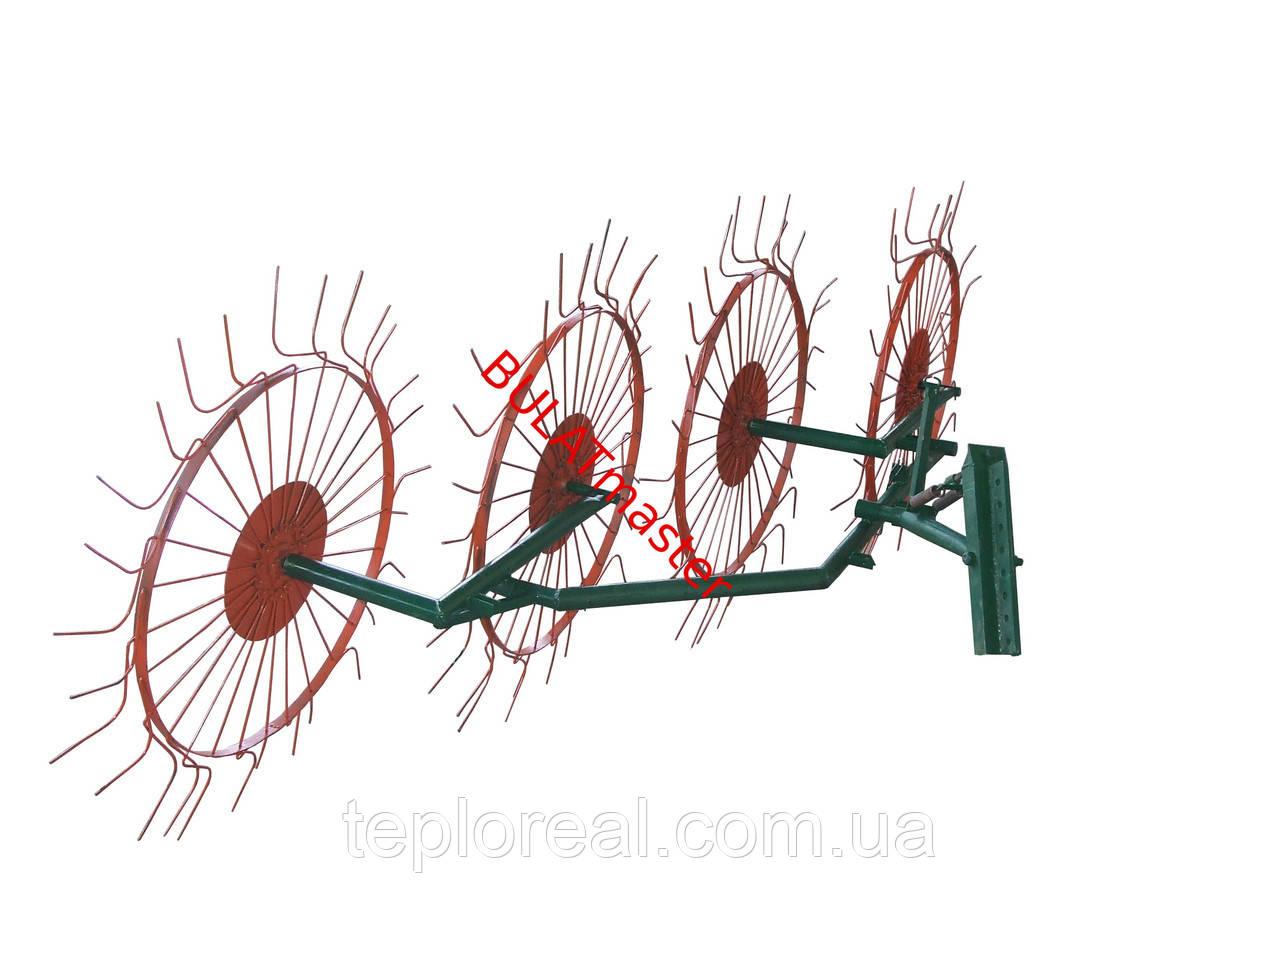 Грабли ворошилки для мотоблока навесные 4-х колесные (усиленная граблина 5мм)